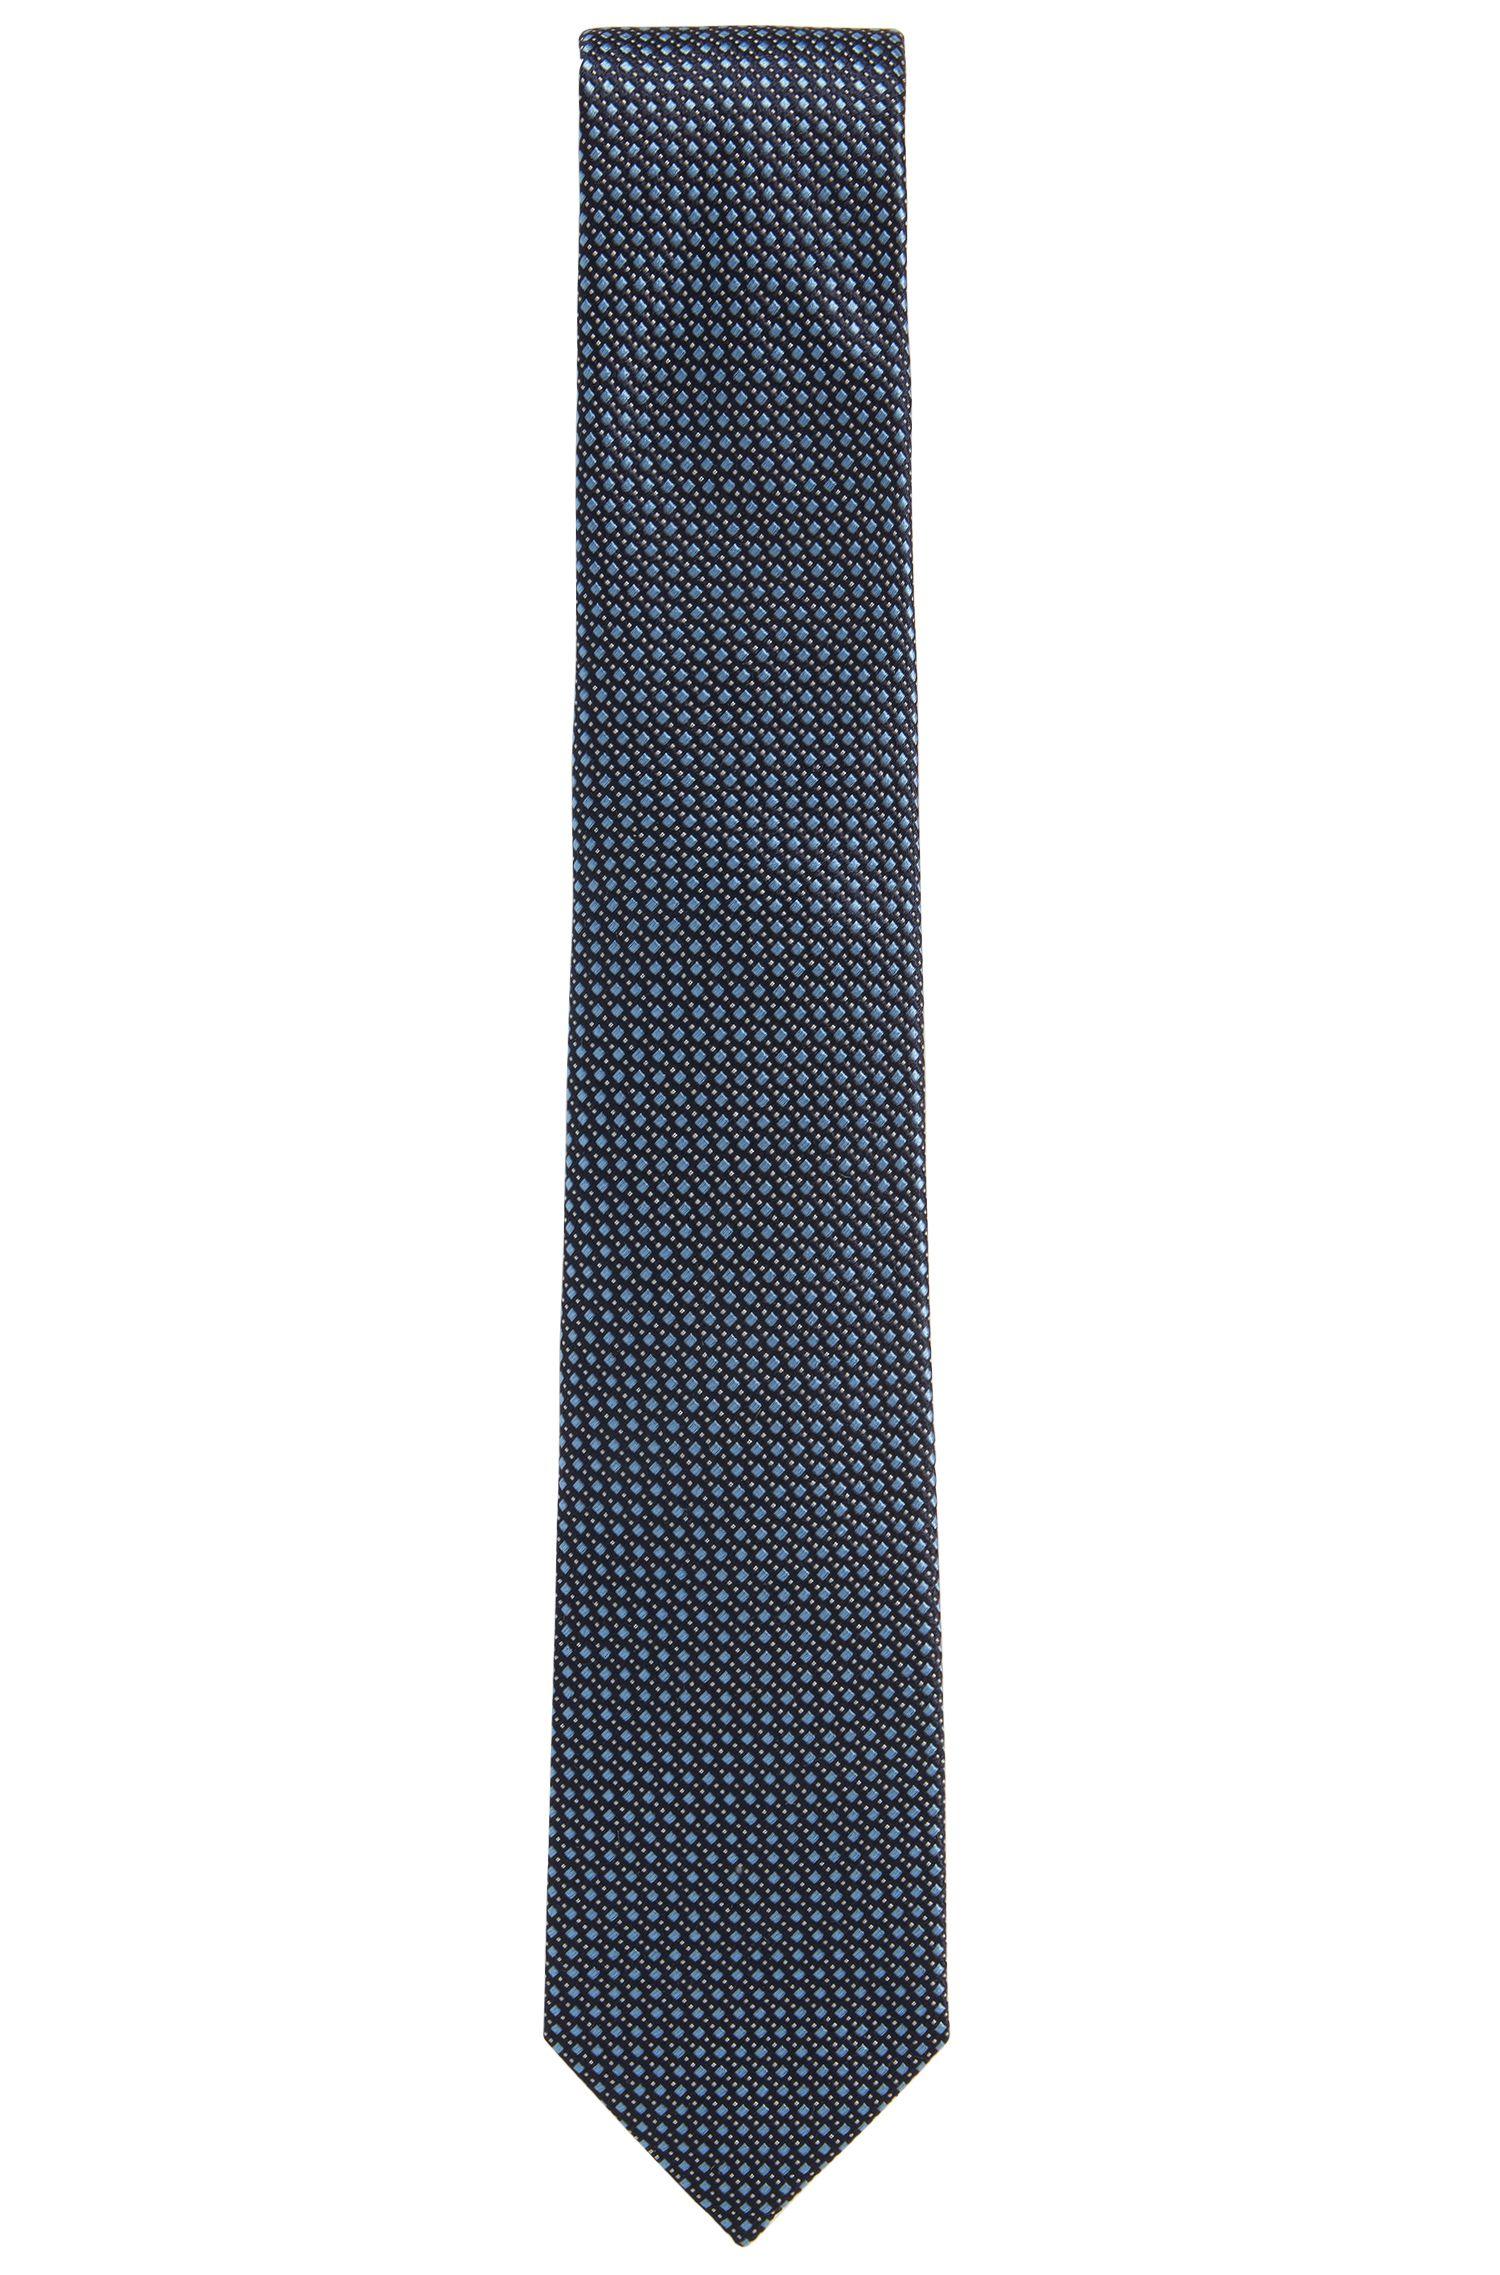 Cravate jacquard confectionnée en Italie, en soie à motif